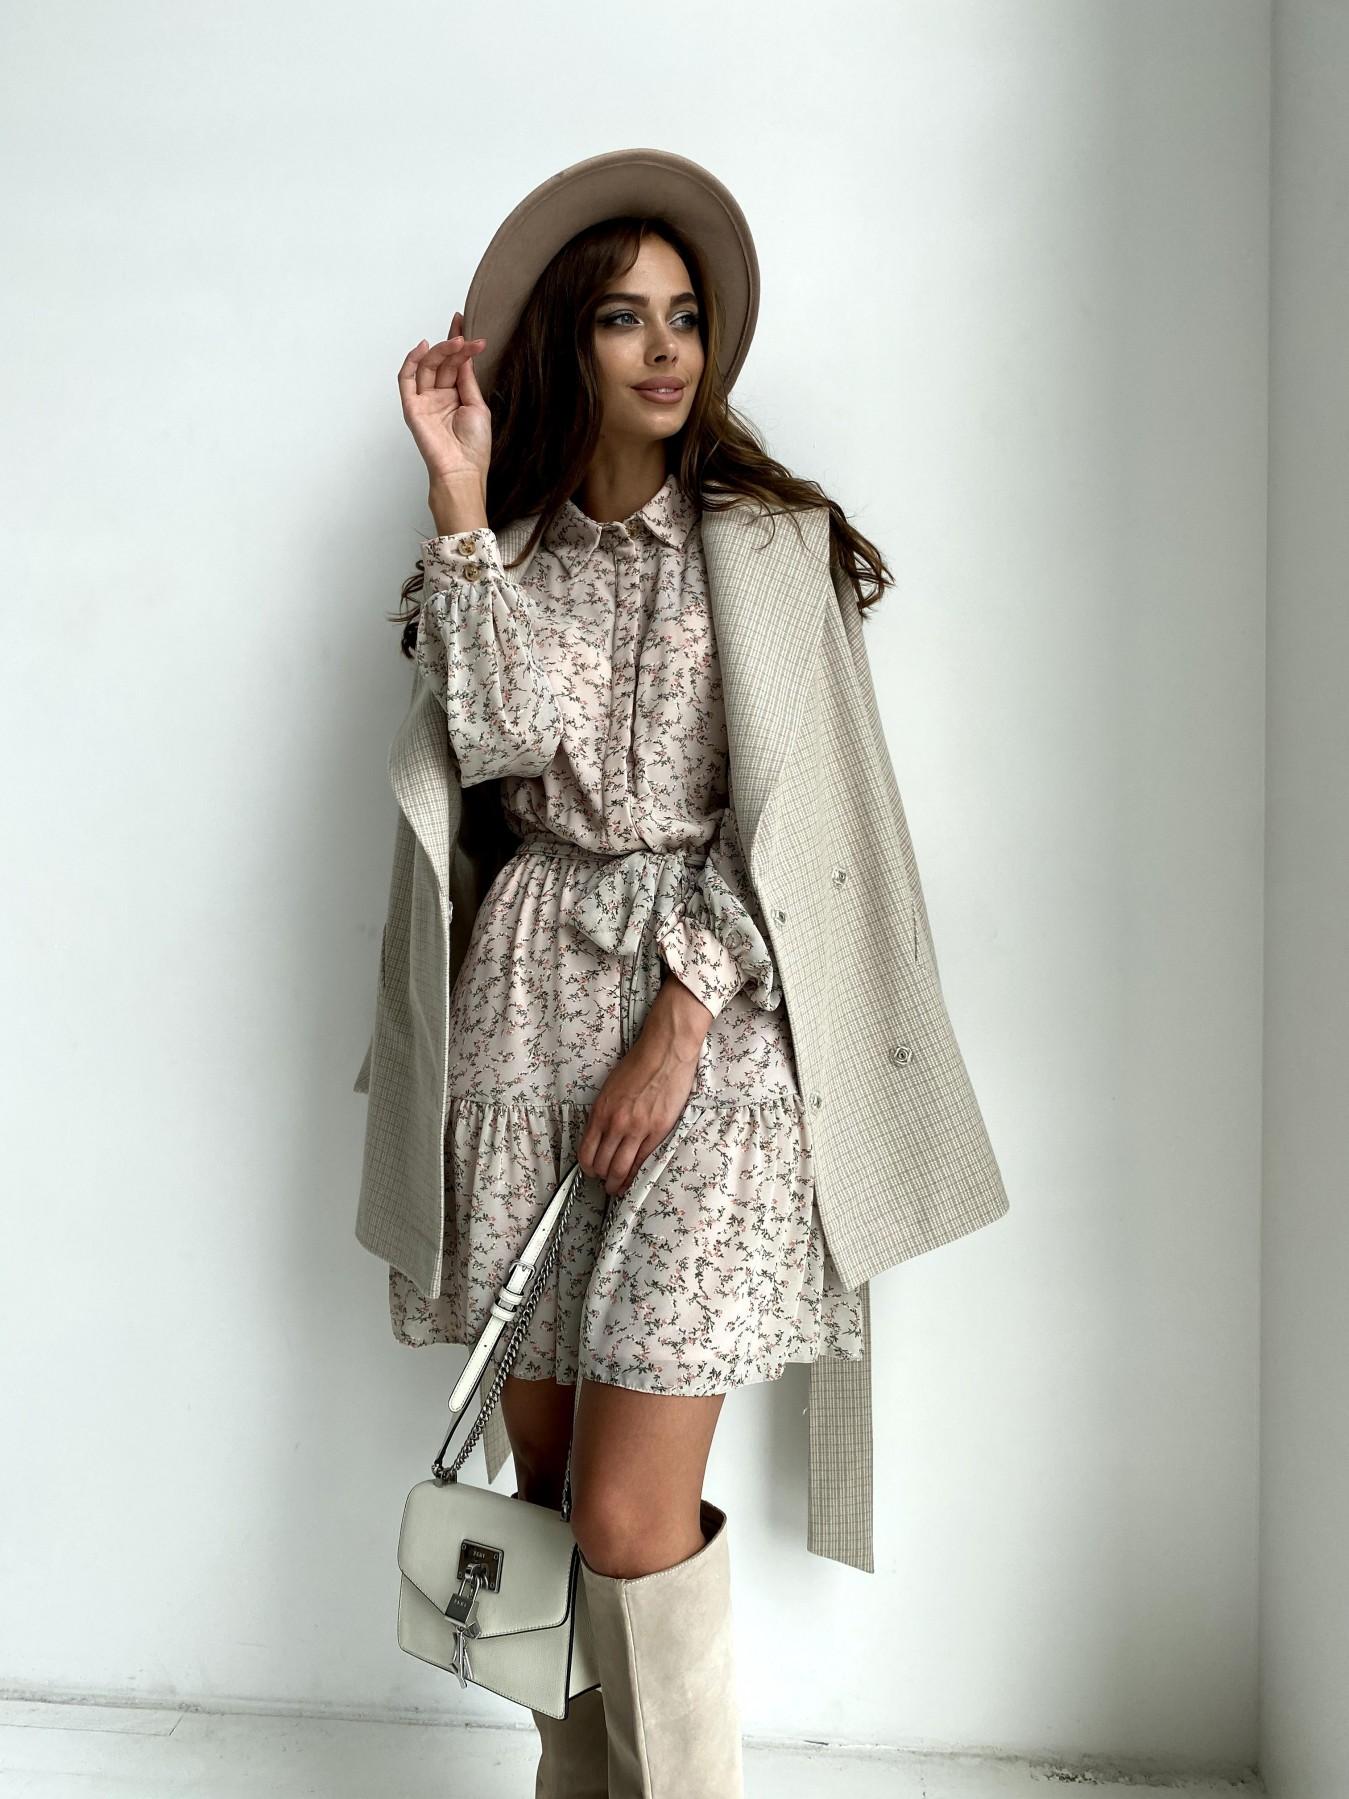 Дефиле пальто из тонкого кашемира 11745 АРТ. 48439 Цвет: Бежевый/молоко/КлМелкая - фото 1, интернет магазин tm-modus.ru